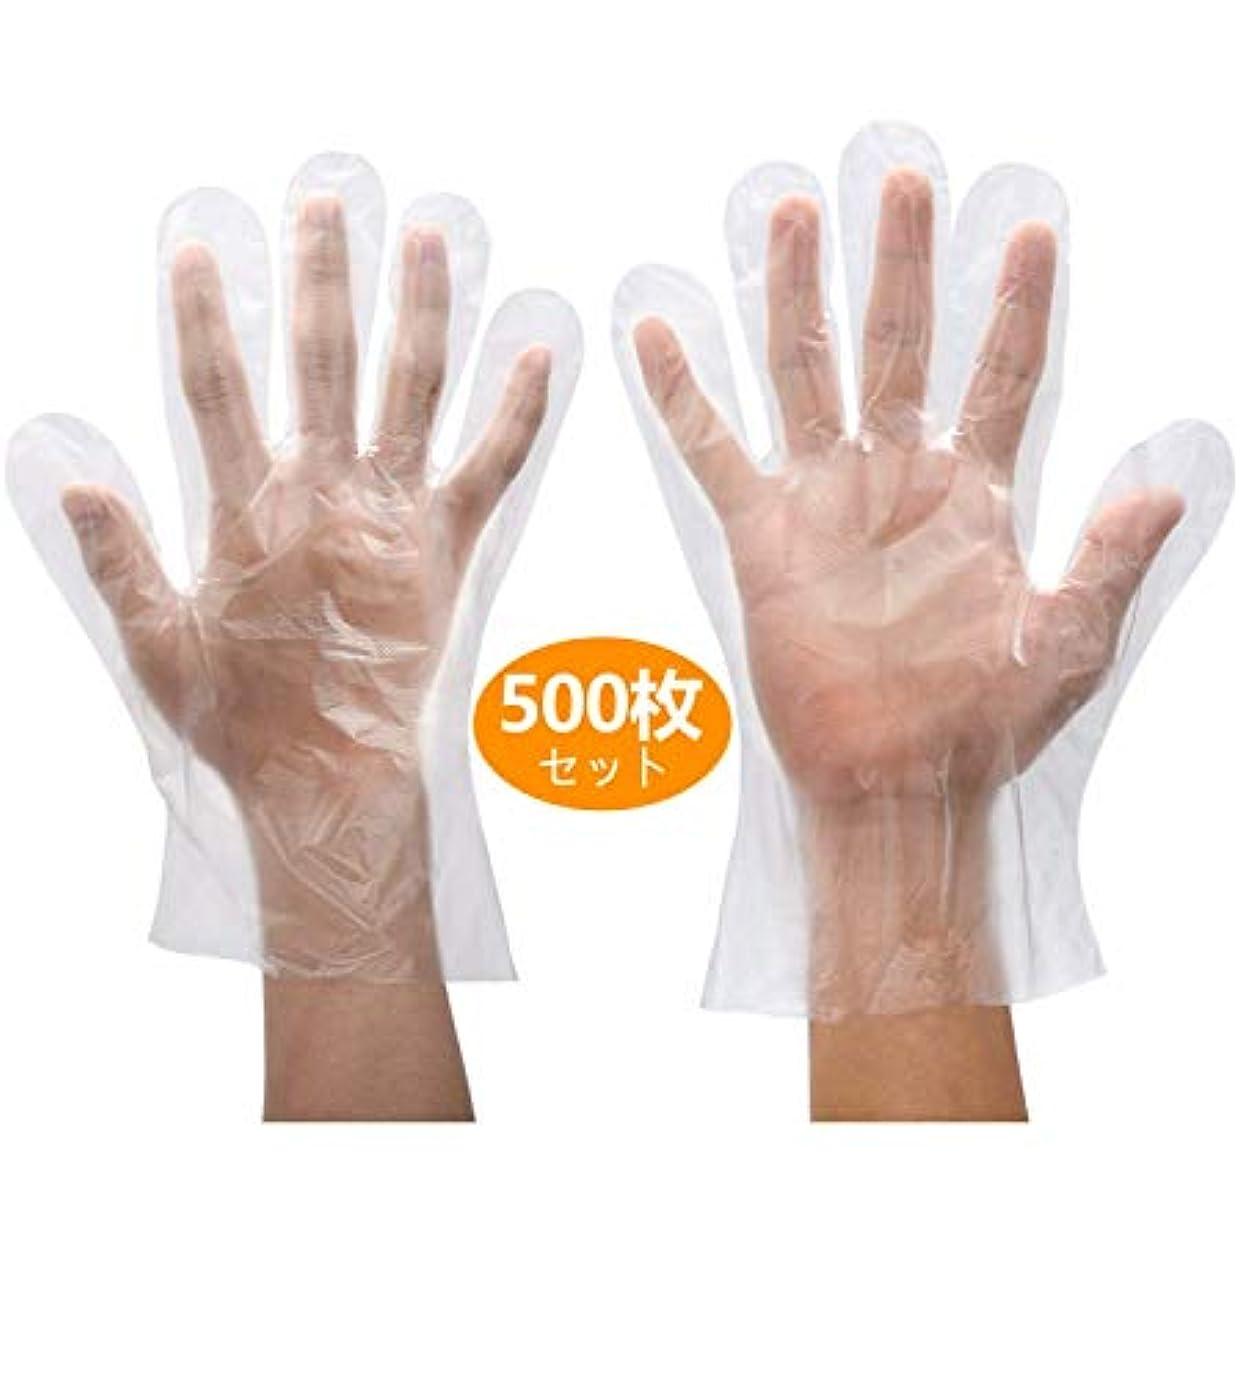 パーフェルビッド慣性ハント使い捨て手袋 500枚セット ポリエチレン手袋 極薄ビニール手袋 透明 実用 使いきり手袋 極薄手袋 disposable gloves 極うす手 食品衛生法適合